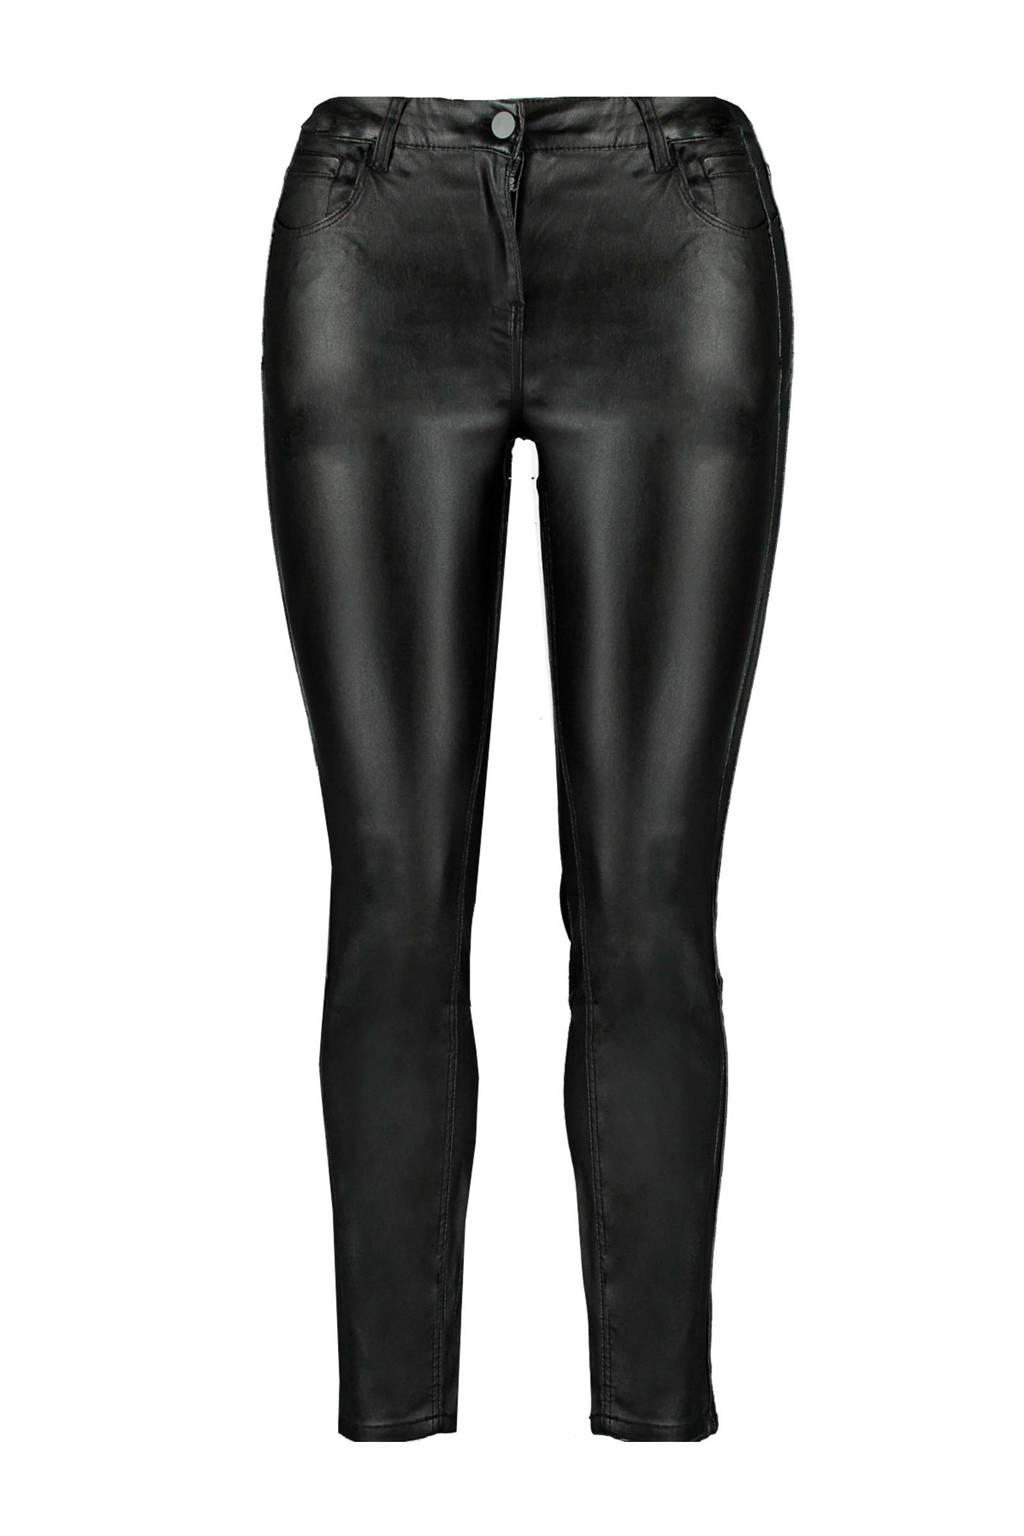 MS Mode broek met coating zwart, Zwart